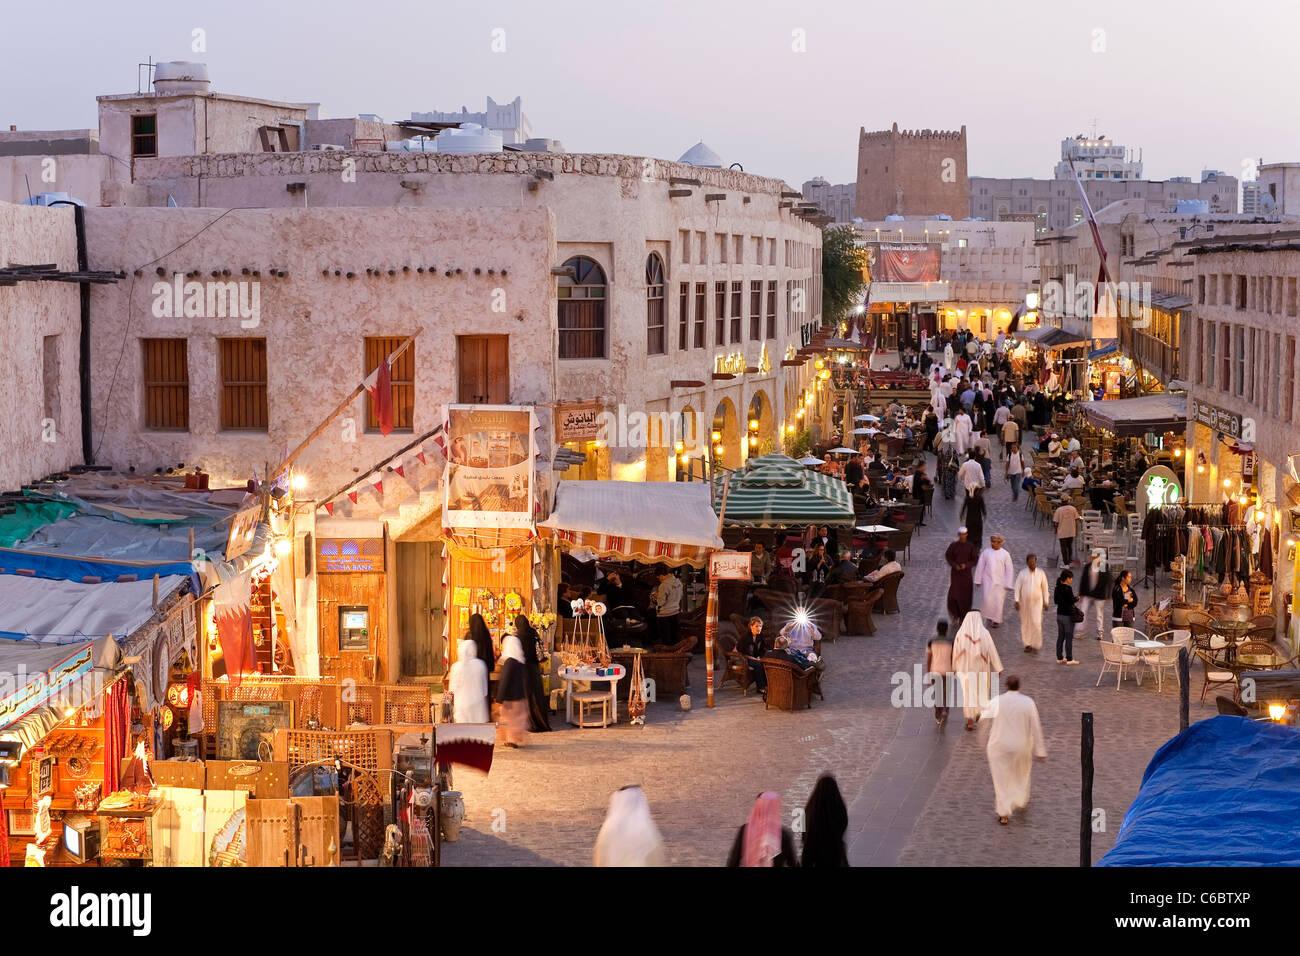 Le Qatar, au Moyen-Orient, Péninsule Arabe, Doha, le Souq Waqif restauré avec de la boue rendus boutiques Photo Stock